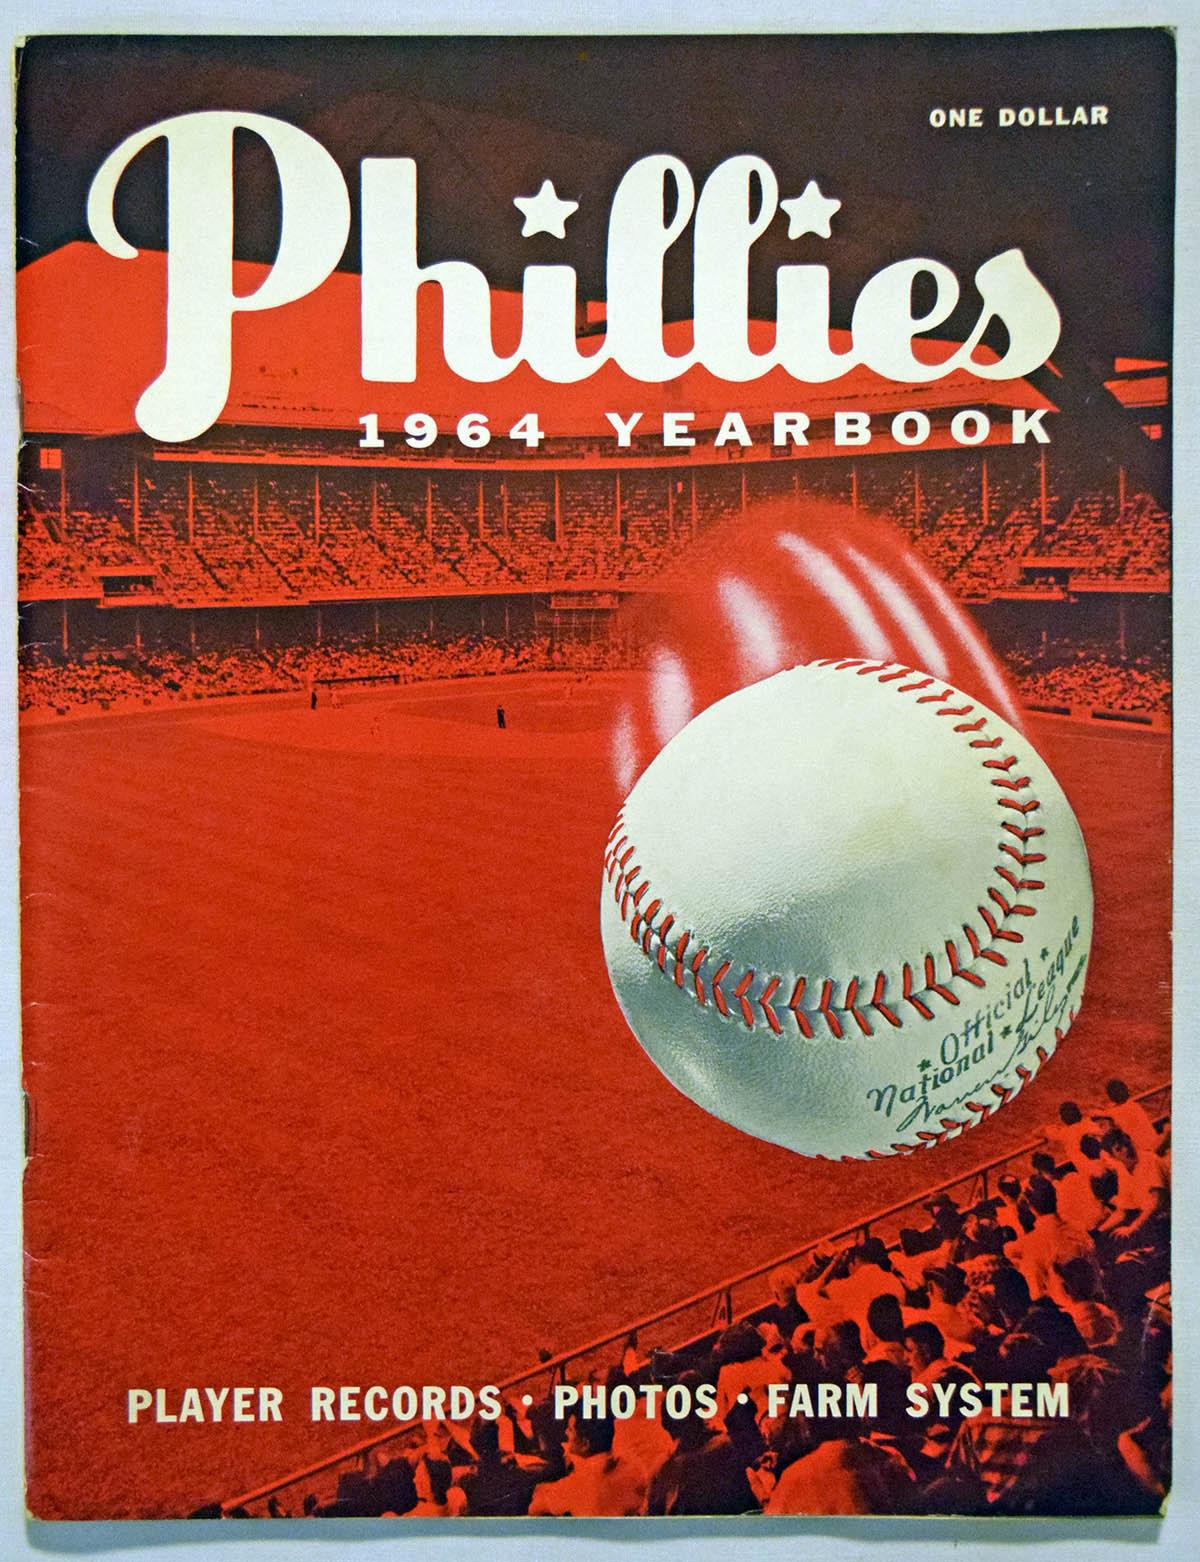 Lot #1751 1964 Yearbook  Philadelphia Phillies Cond: Ex